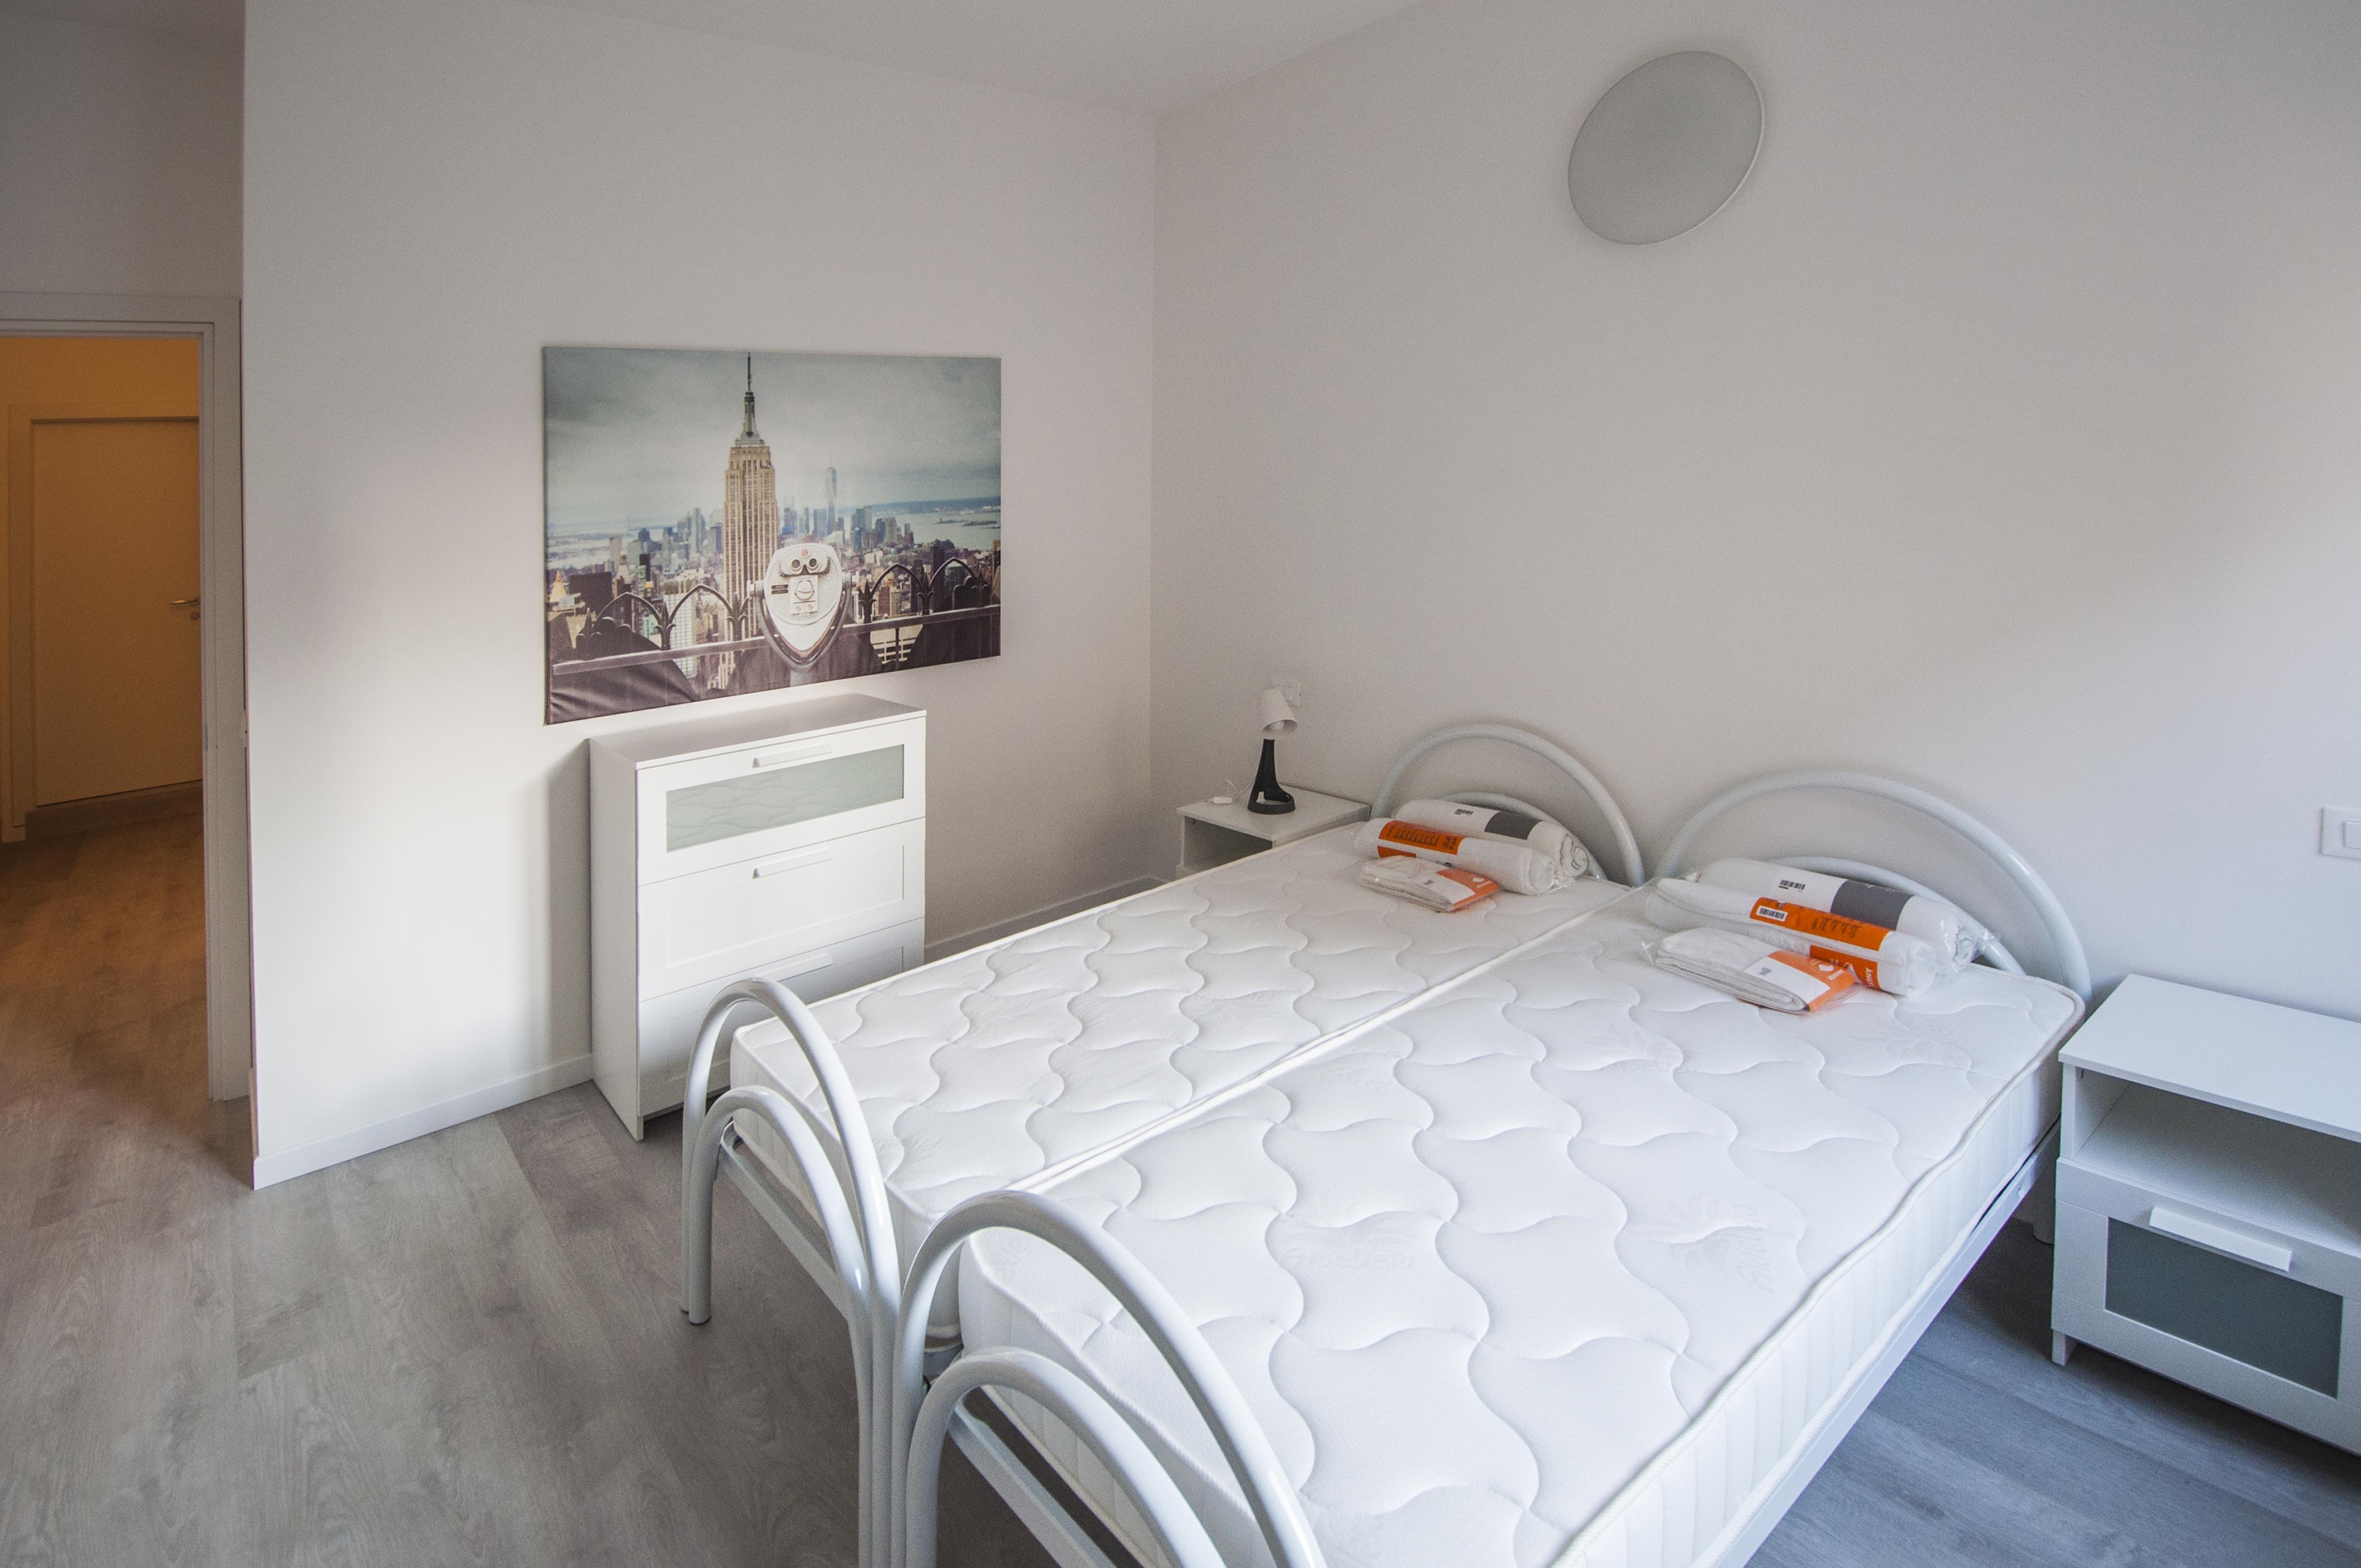 Camere in affitto-Treviso-Ospedale-Stazione-Studio-Architettura-Zanatta_04